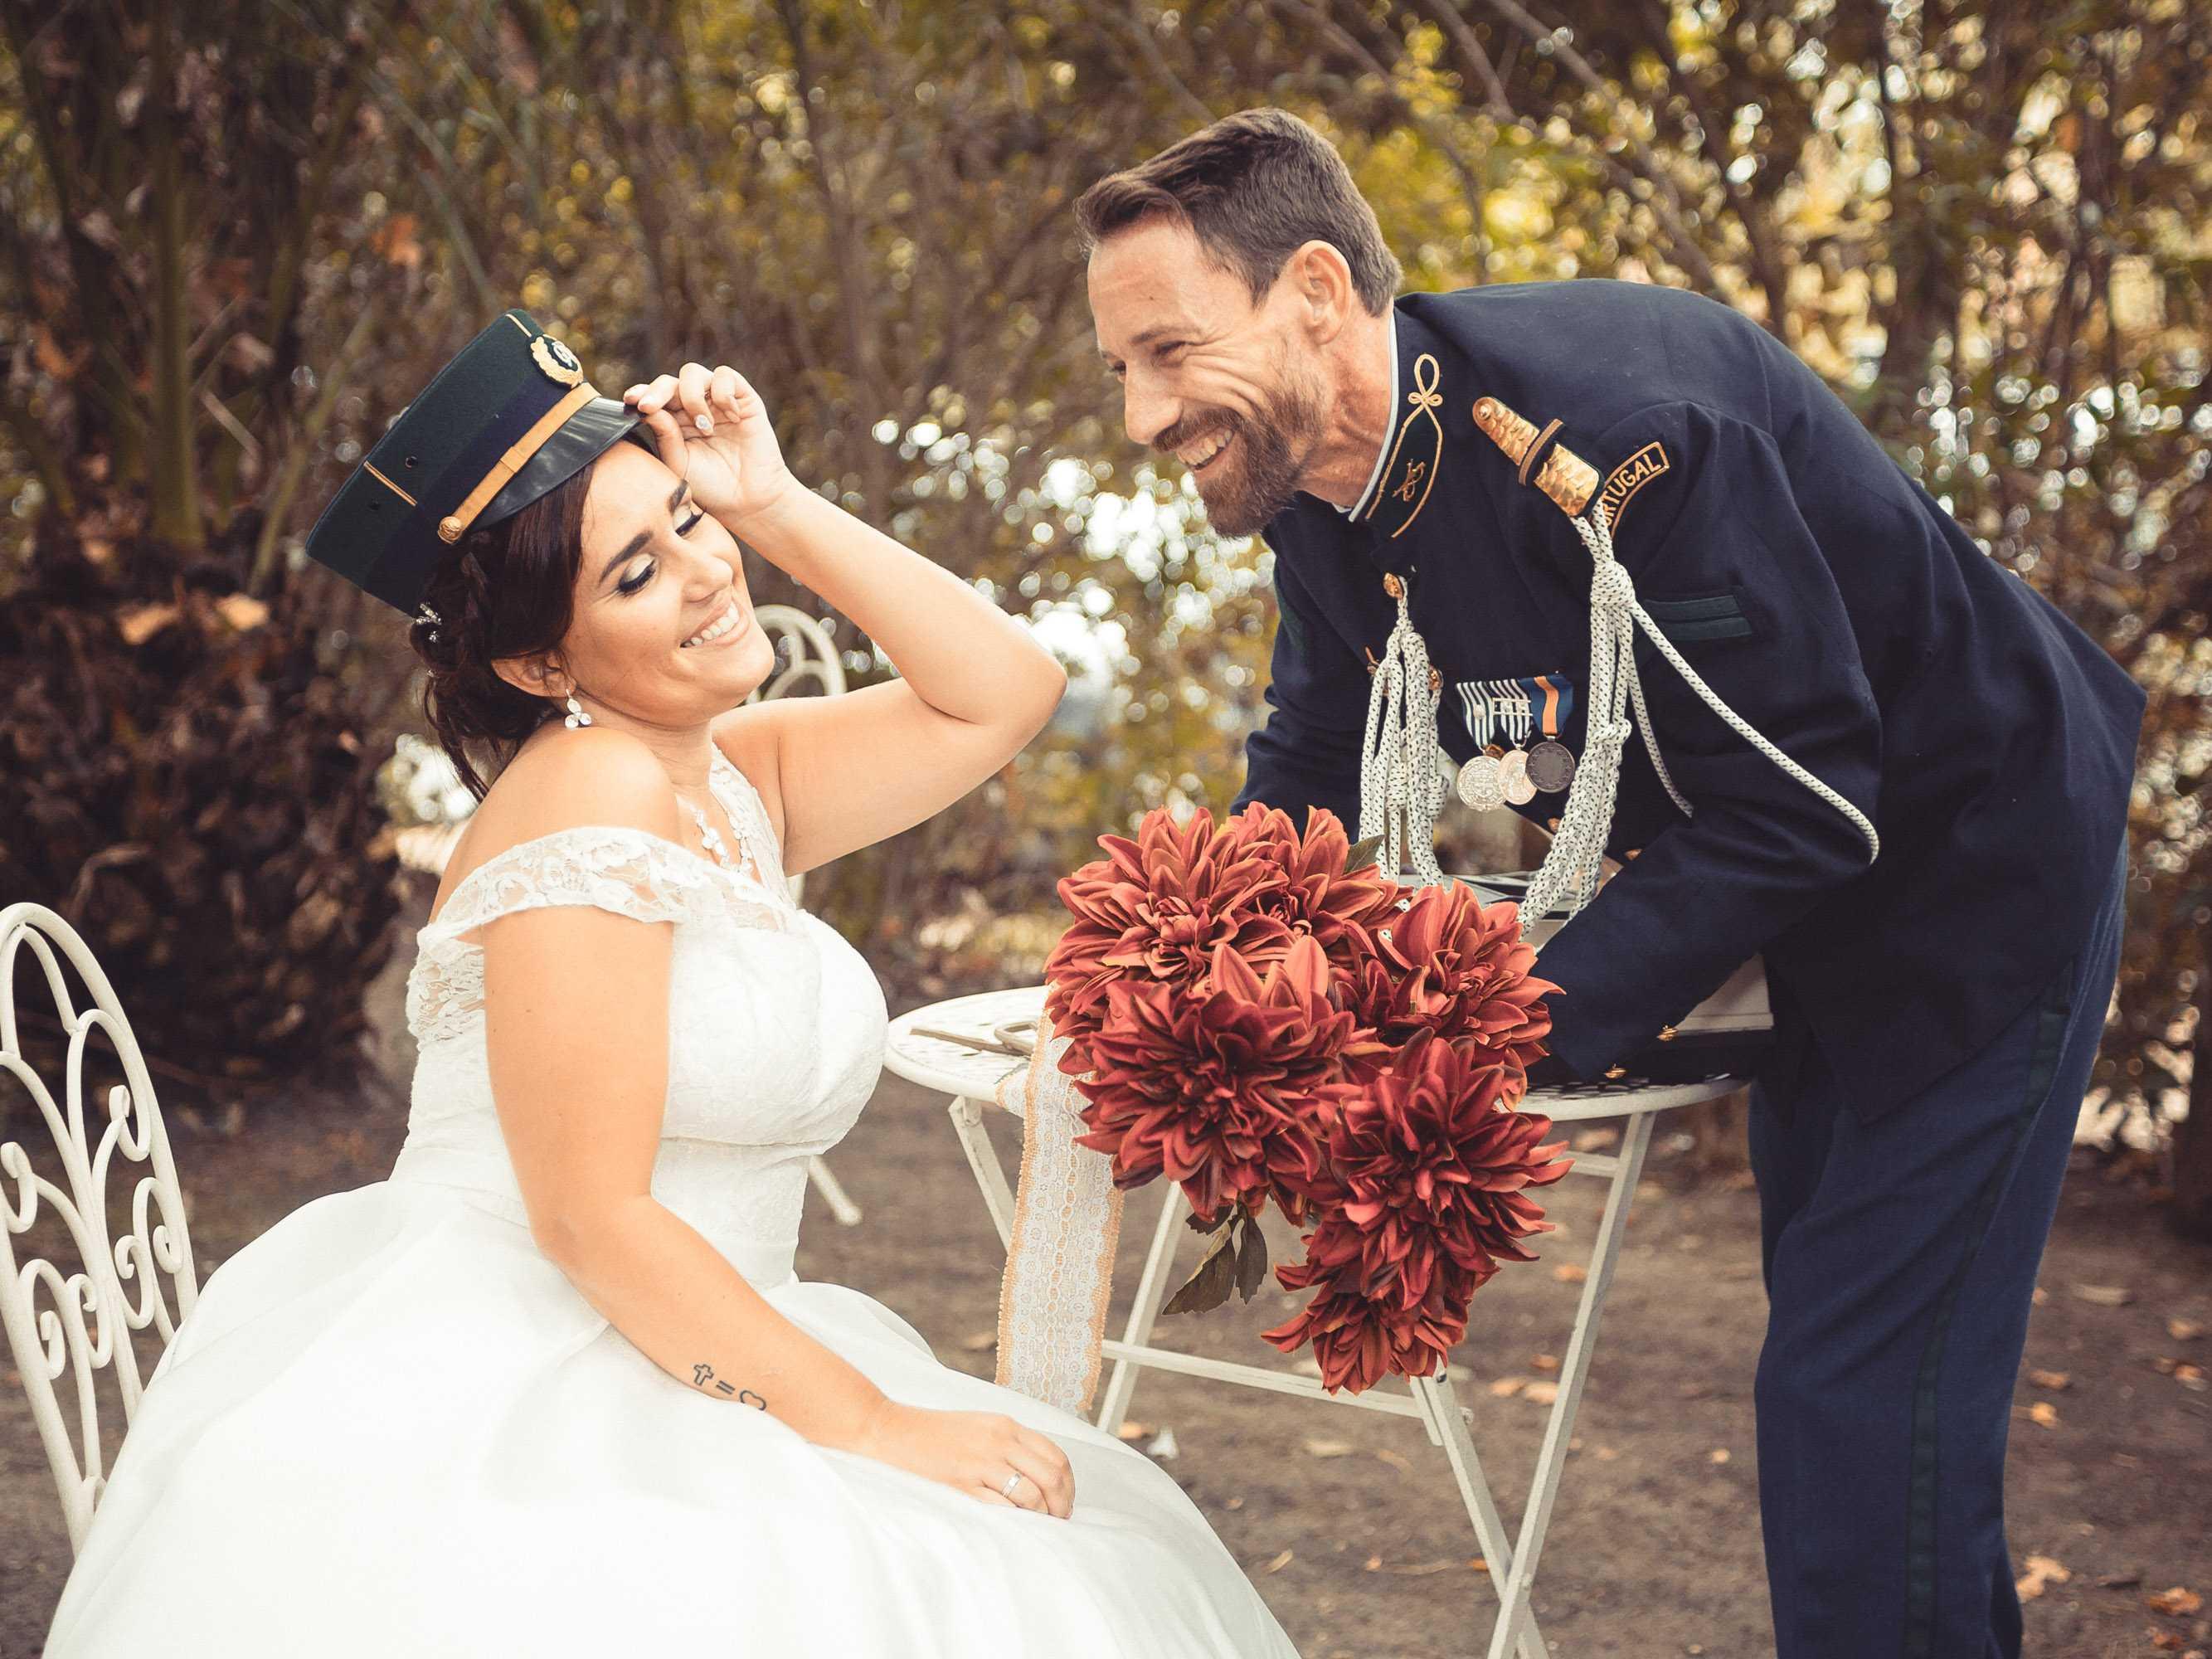 Fotógrafo de Casamentos.pt_21